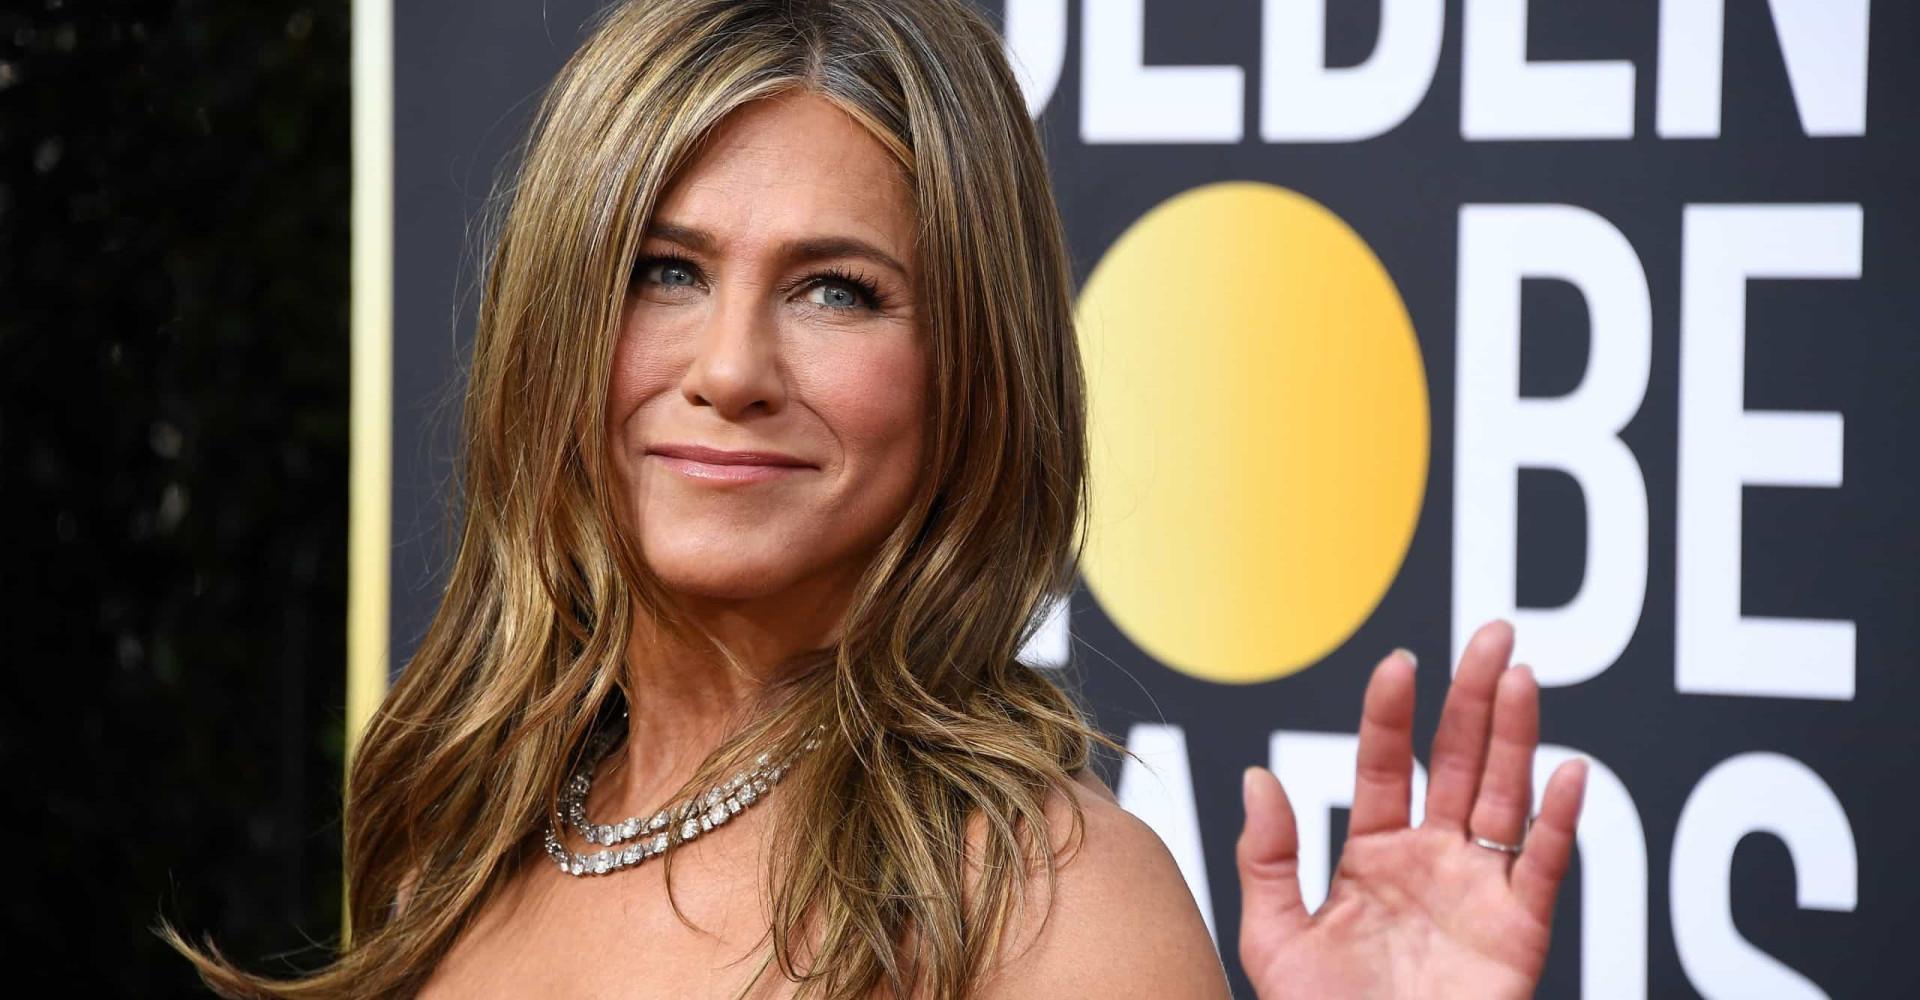 Dertig feitjes over Jennifer Aniston